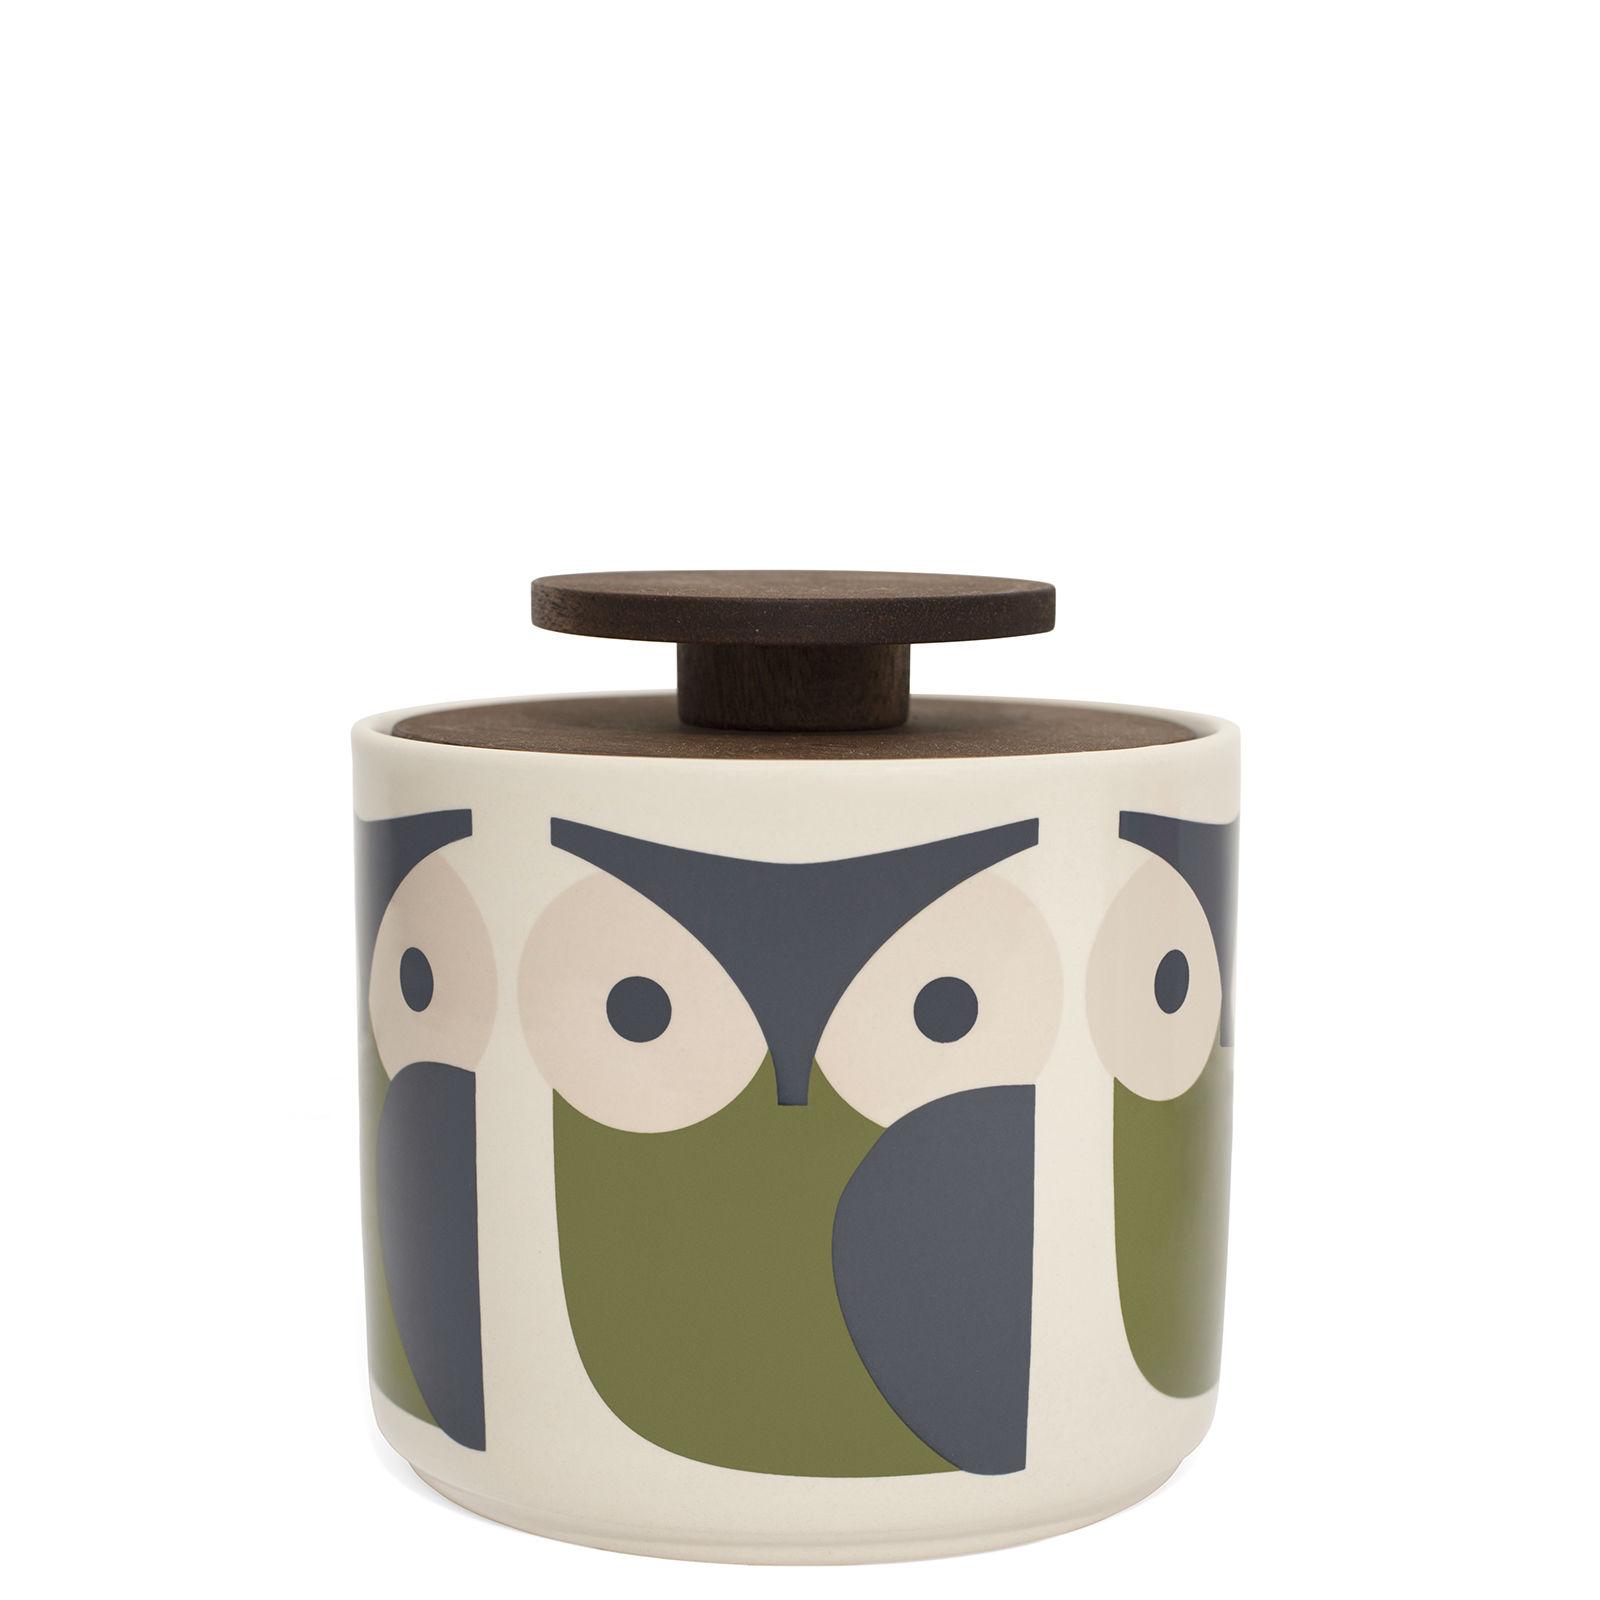 Boites-bocaus-design-Orla-Kiely-06